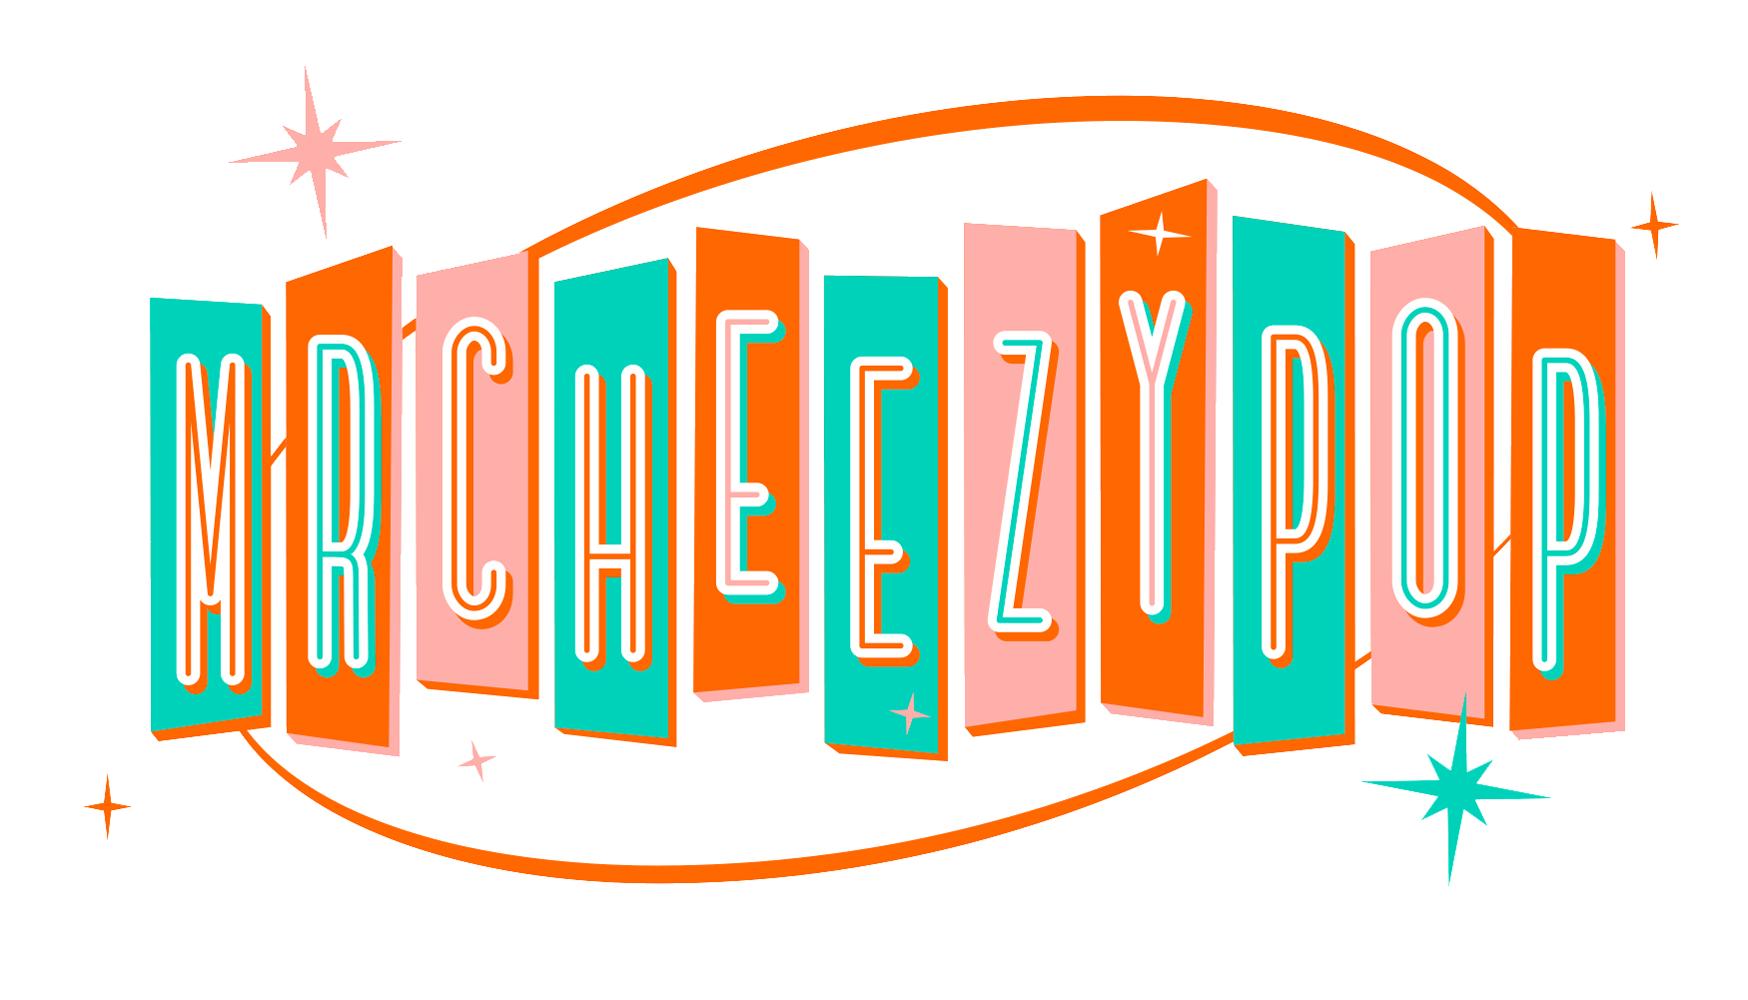 MrCheezyPop